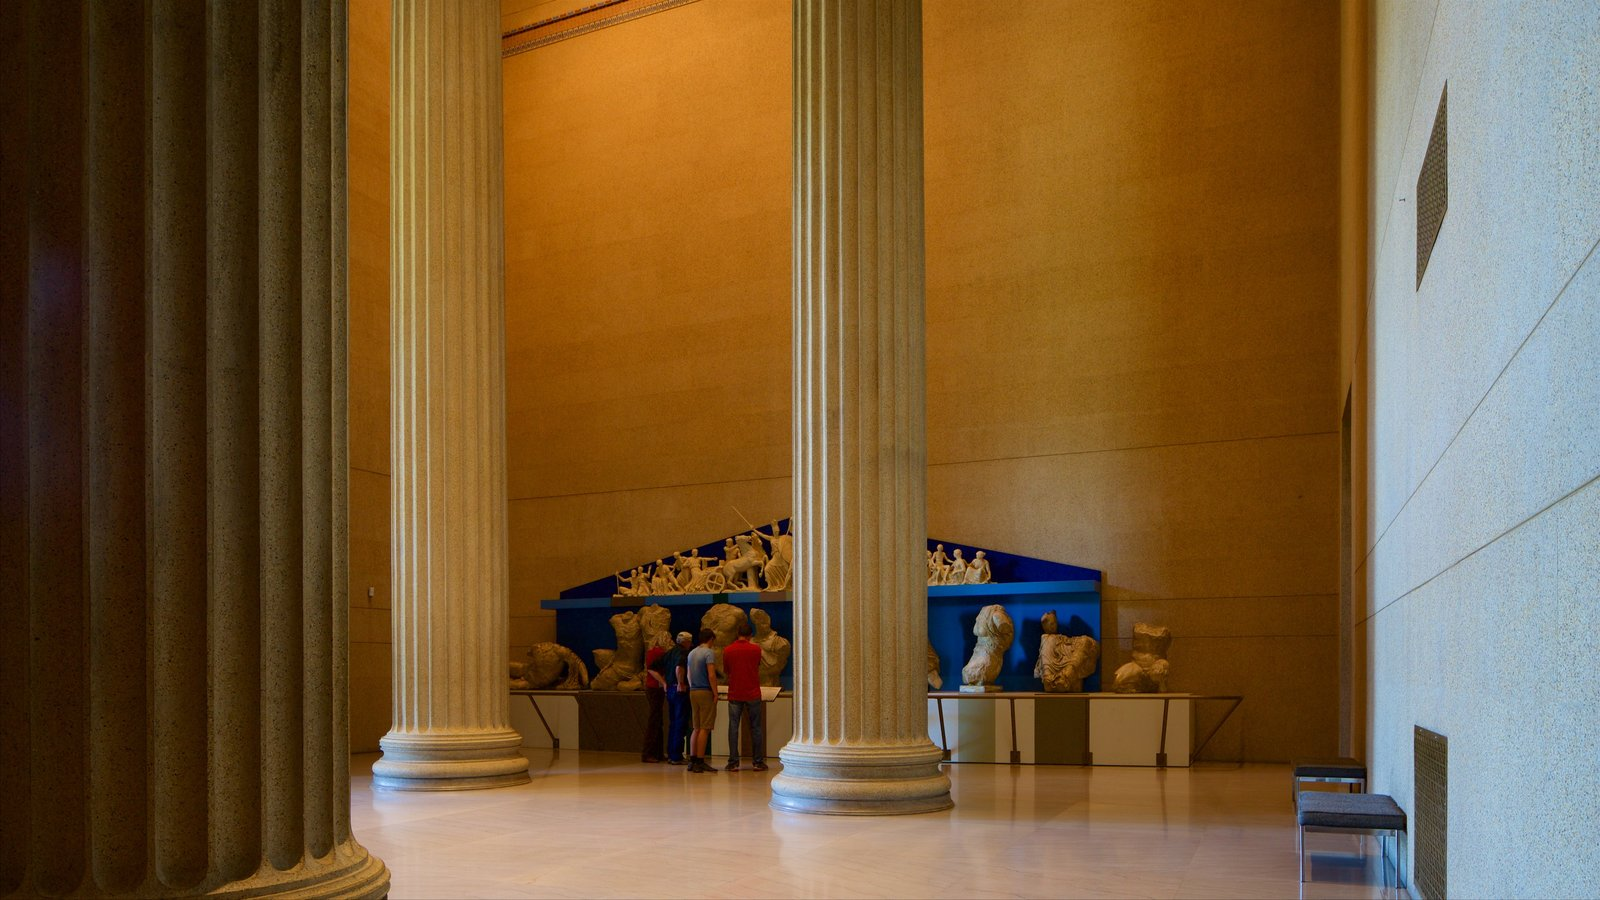 Parthenon mostrando elementos del patrimonio y vistas interiores